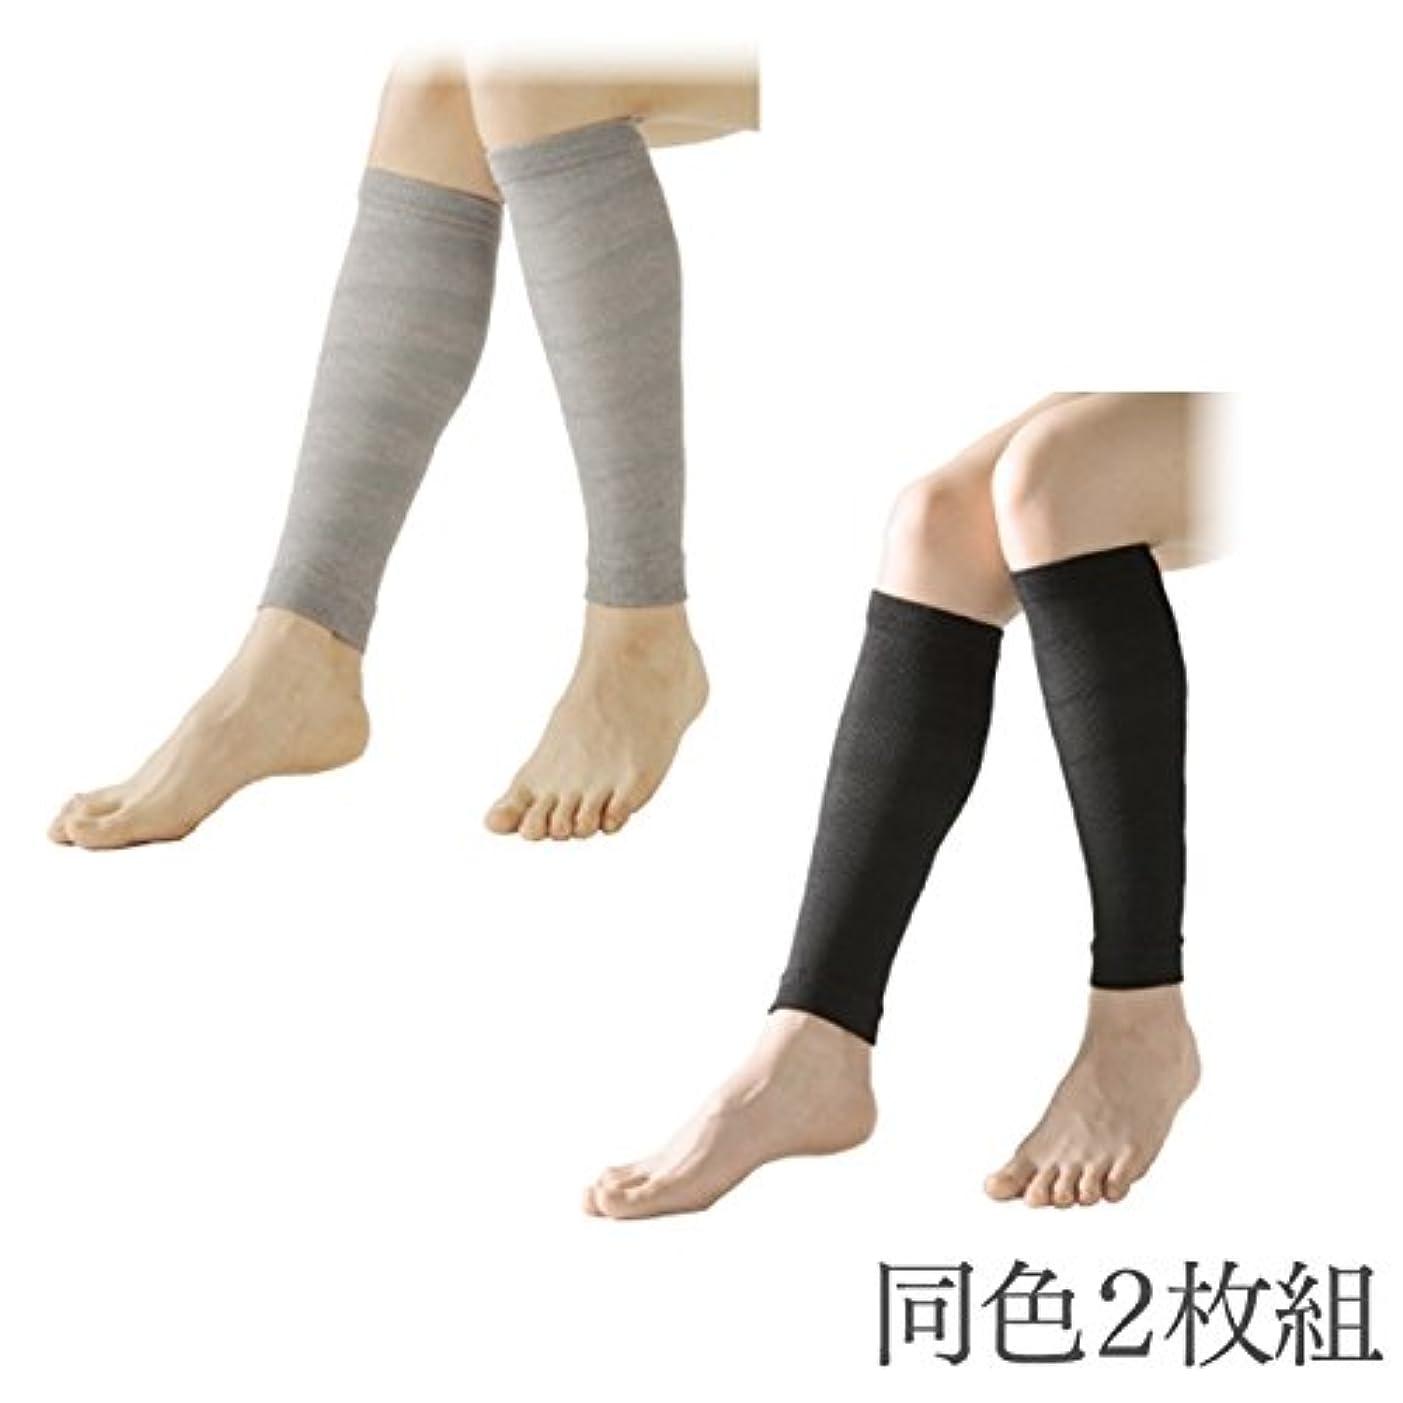 隔離するバルーン死の顎着圧ソックス 足のむくみ 靴下 むくみ解消 着圧ふくらはぎサポーター 2枚組(グレー)